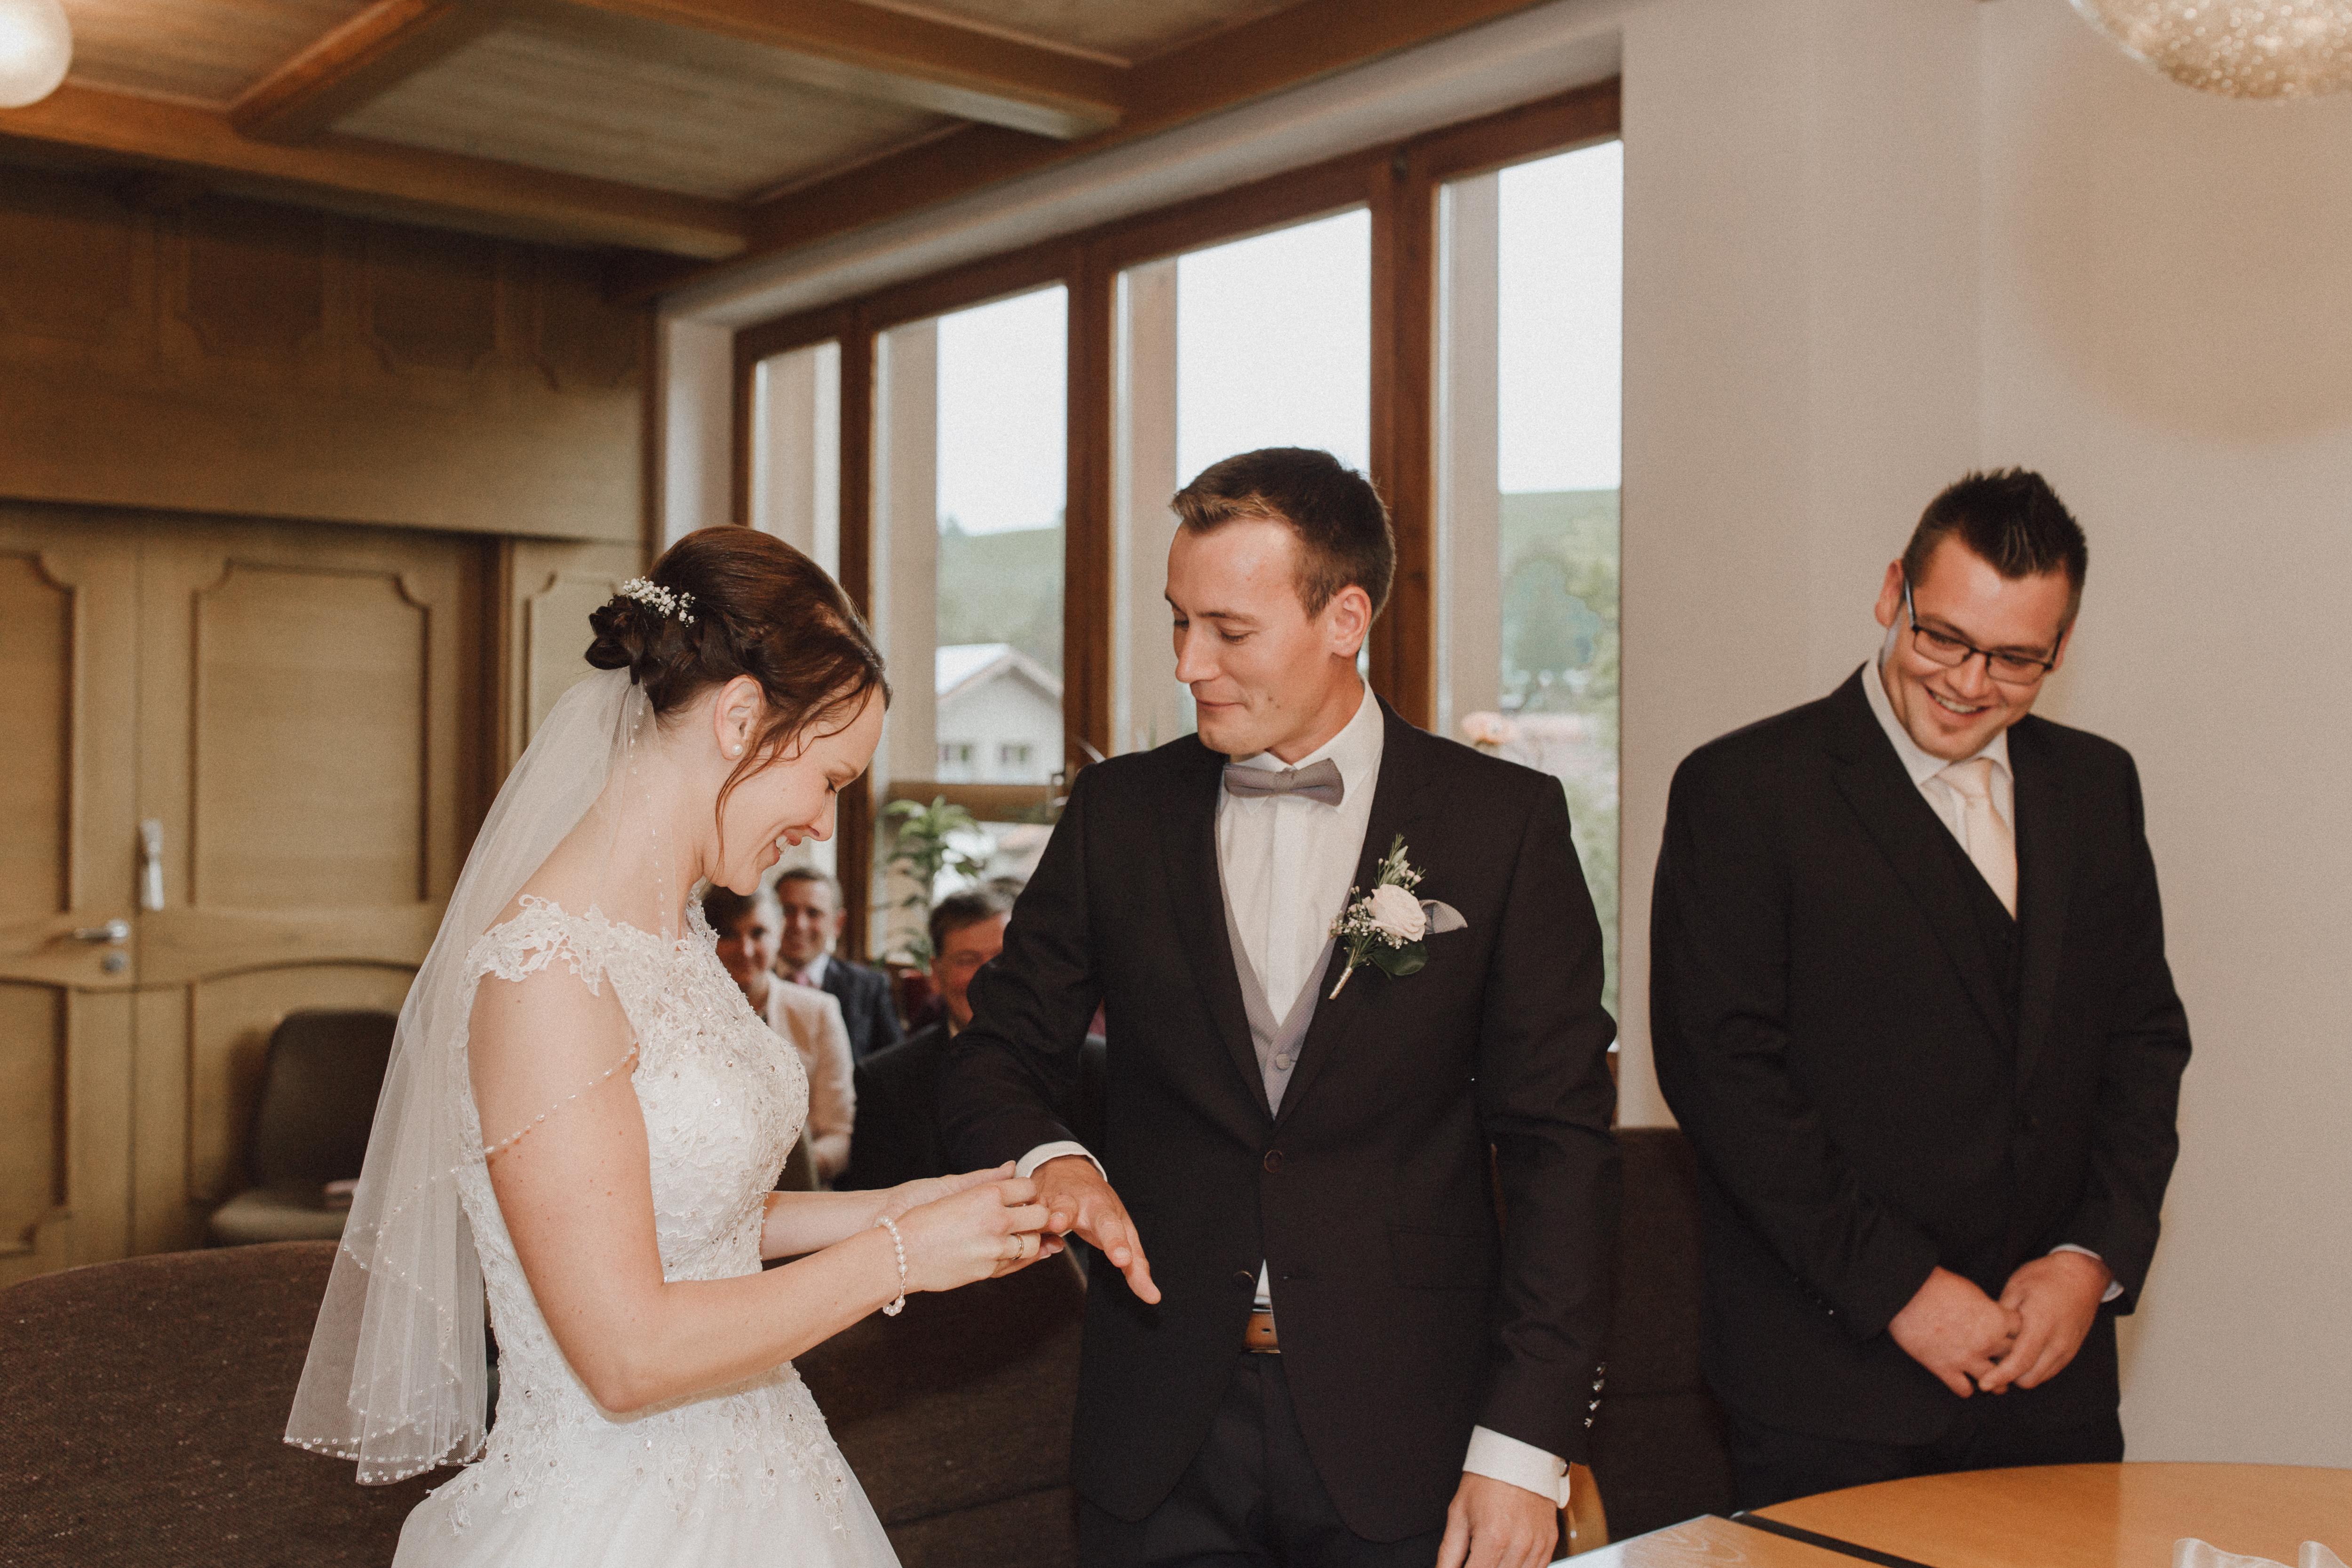 URBANERIE_Daniela_Goth_Hochzeitsfotografin_Nürnberg_Fürth_Erlangen_Schwabach_170909_0042